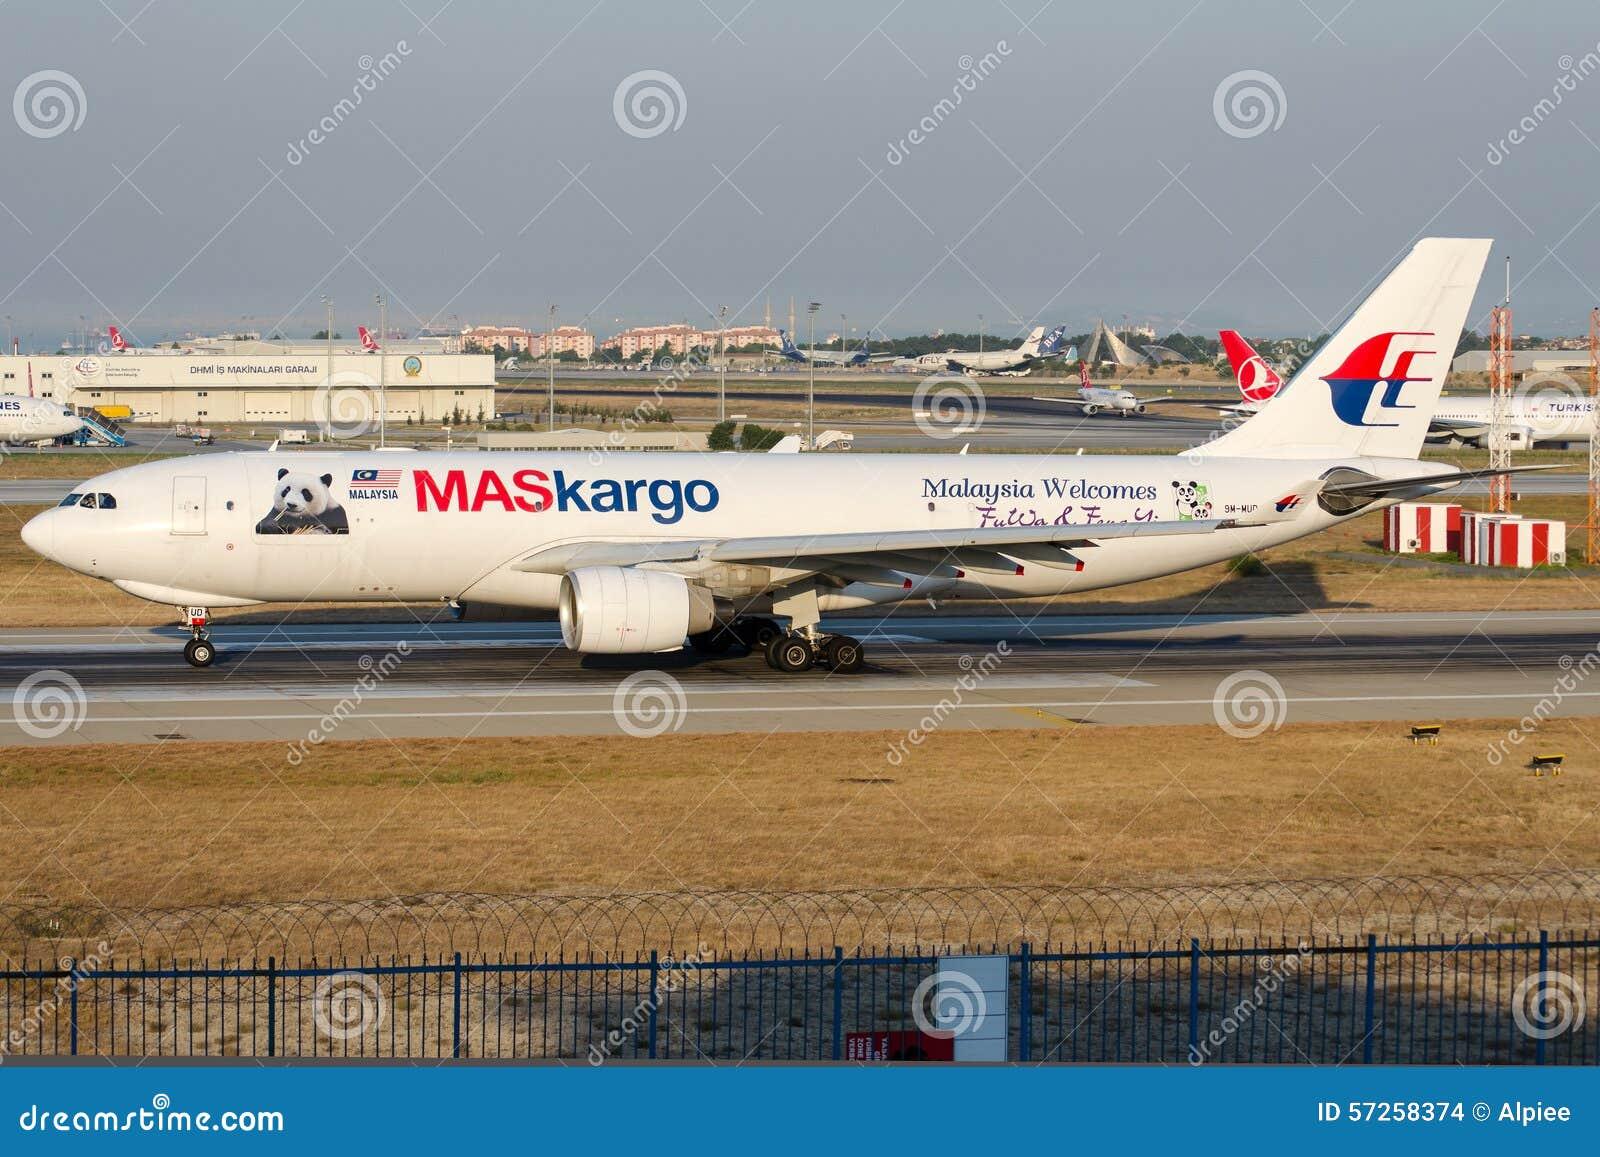 癹f�i)��&9�m���_9m-mud maskargo,有熊猫贴纸的空中客车a330-223f 编辑类库存图片